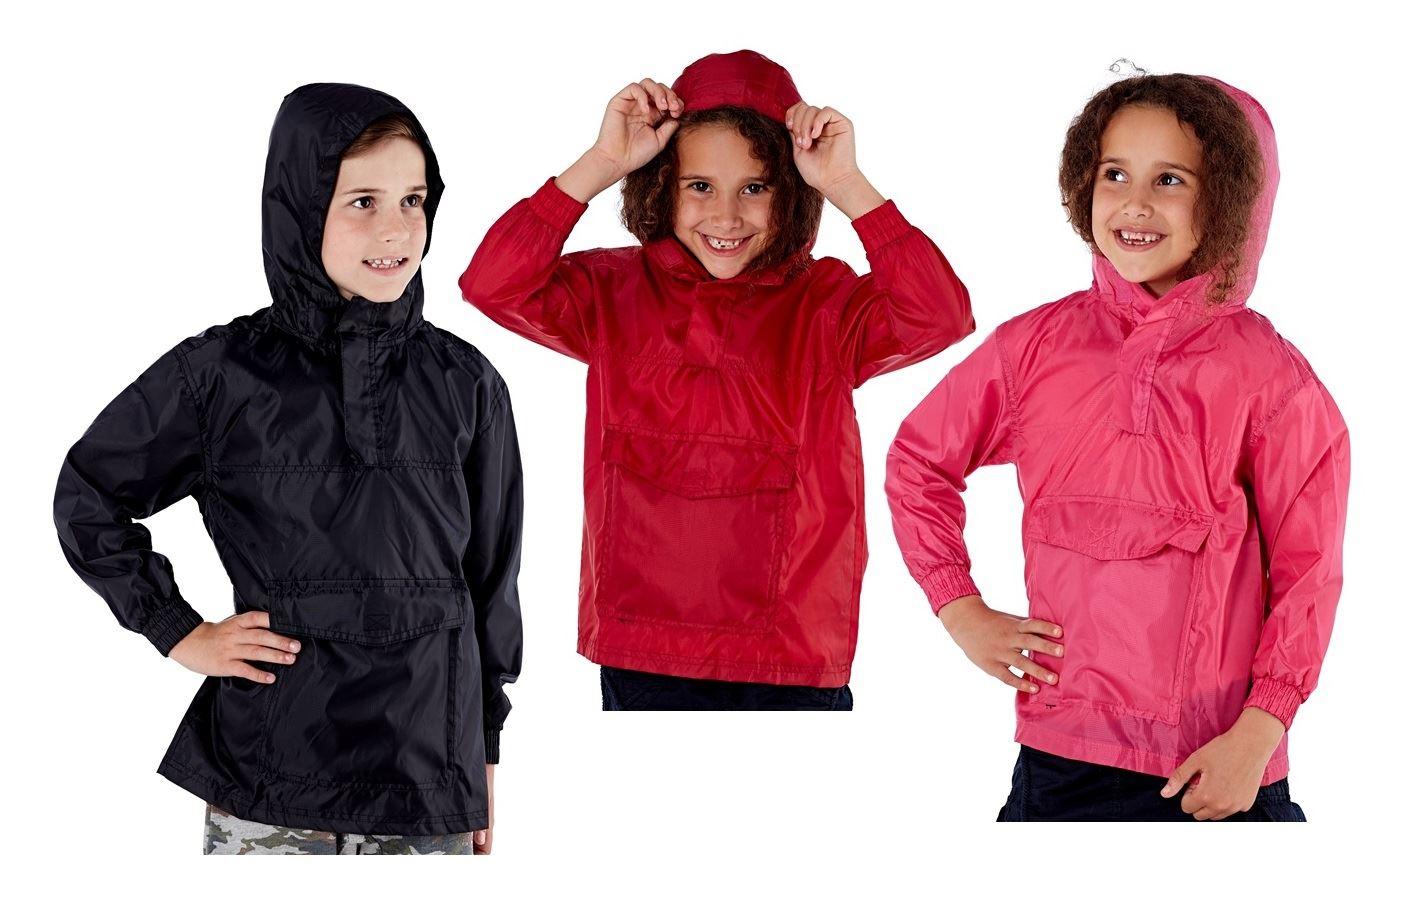 Navy Royal Blue Cagoule in a Bag Red Children Kids Black Showerproof